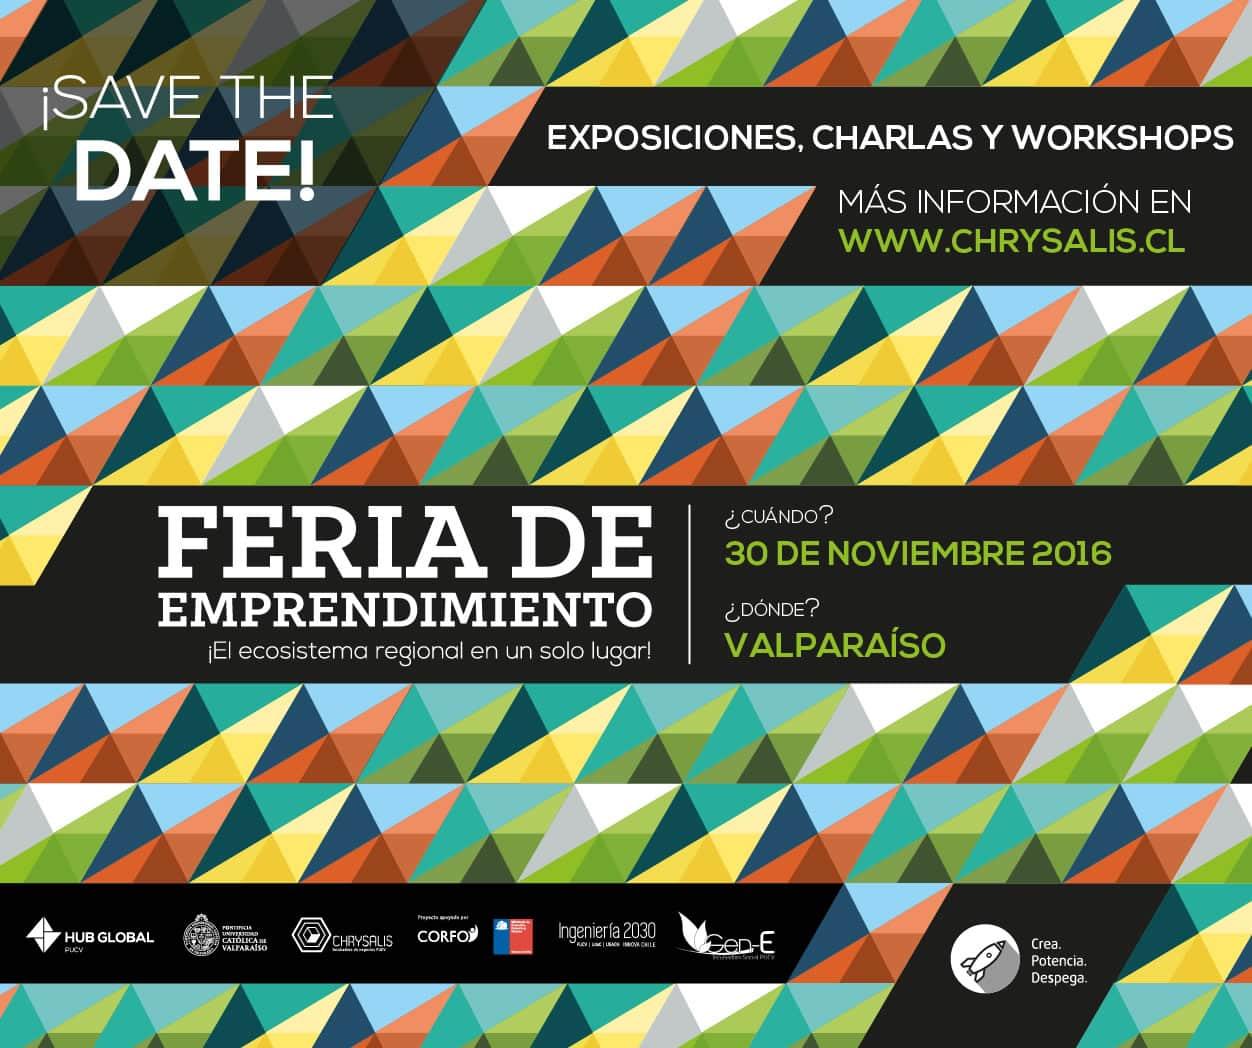 El 30 de noviembre se realizará una feria de emprendimiento gratuita en Valparaíso.